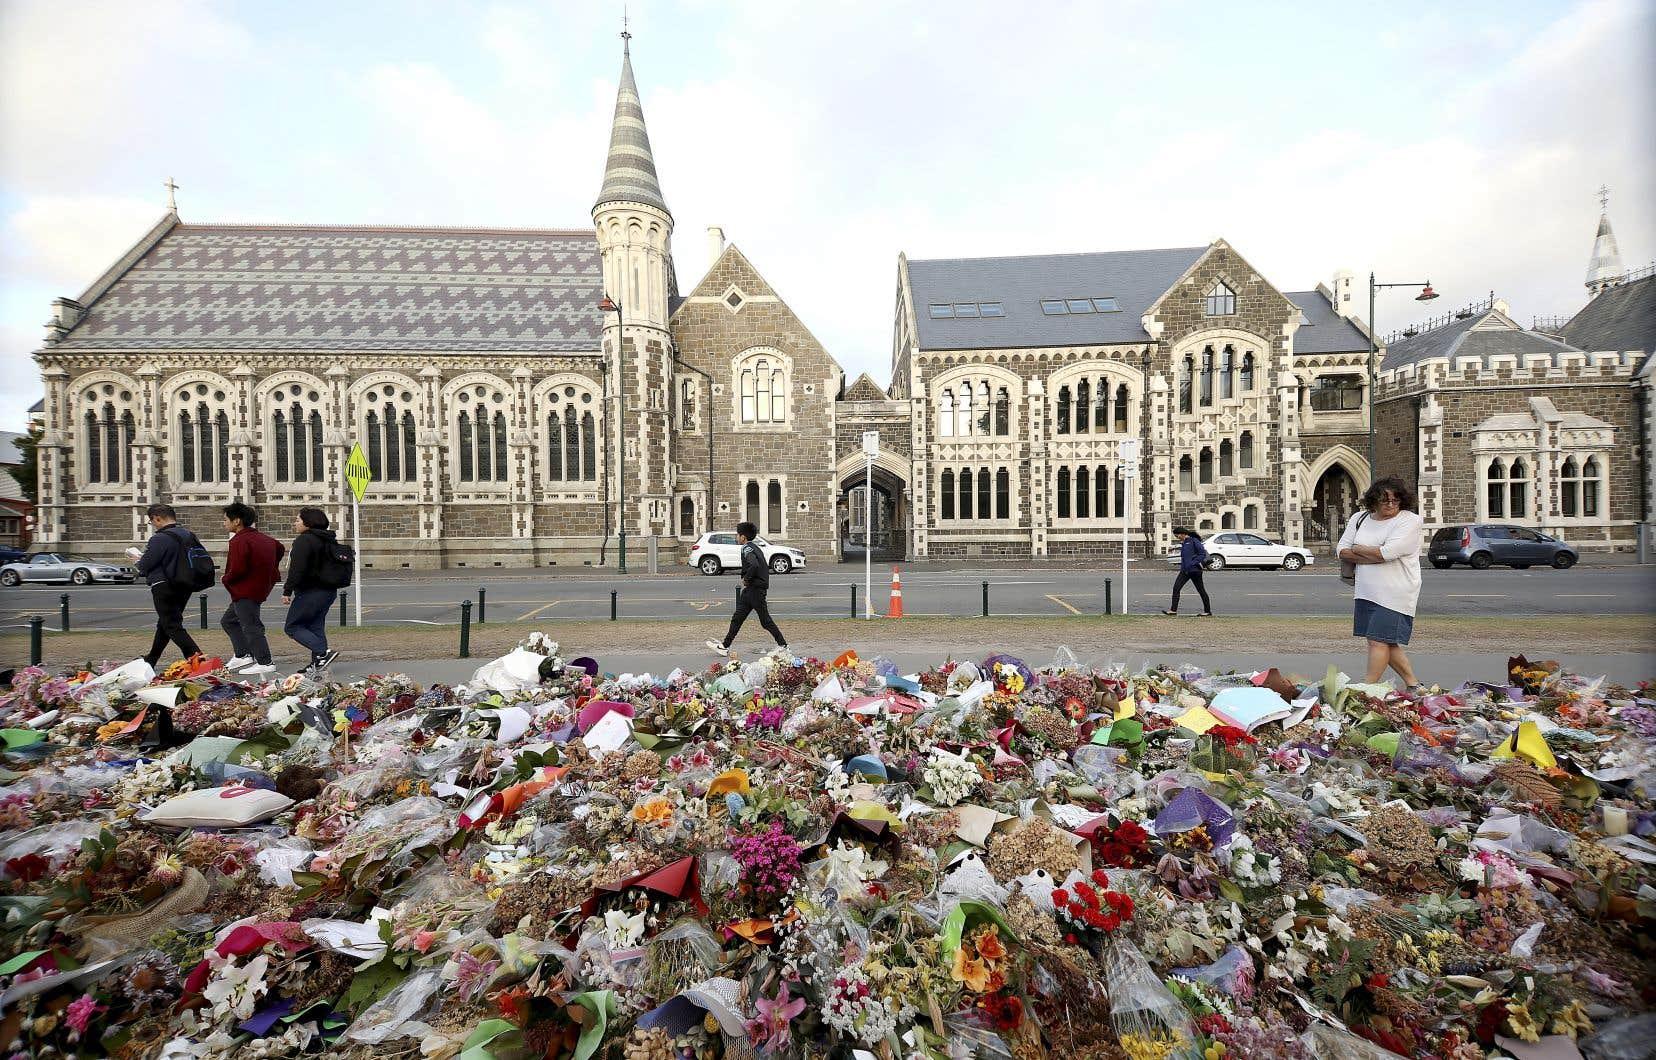 Après la diffusion en boucle de la tuerie de Christchurch sur les réseaux sociaux, le président français Emmanuel Macron s'était joint à la première ministre néo-zélandaise Jacinda Ardern pour sommer les géants du Web de se donner un code de bonne conduite. En photo, des fleurs ont été déposées près du jardin botanique de Christchurch en hommage aux victimes des attentats du 15 mars 2019.